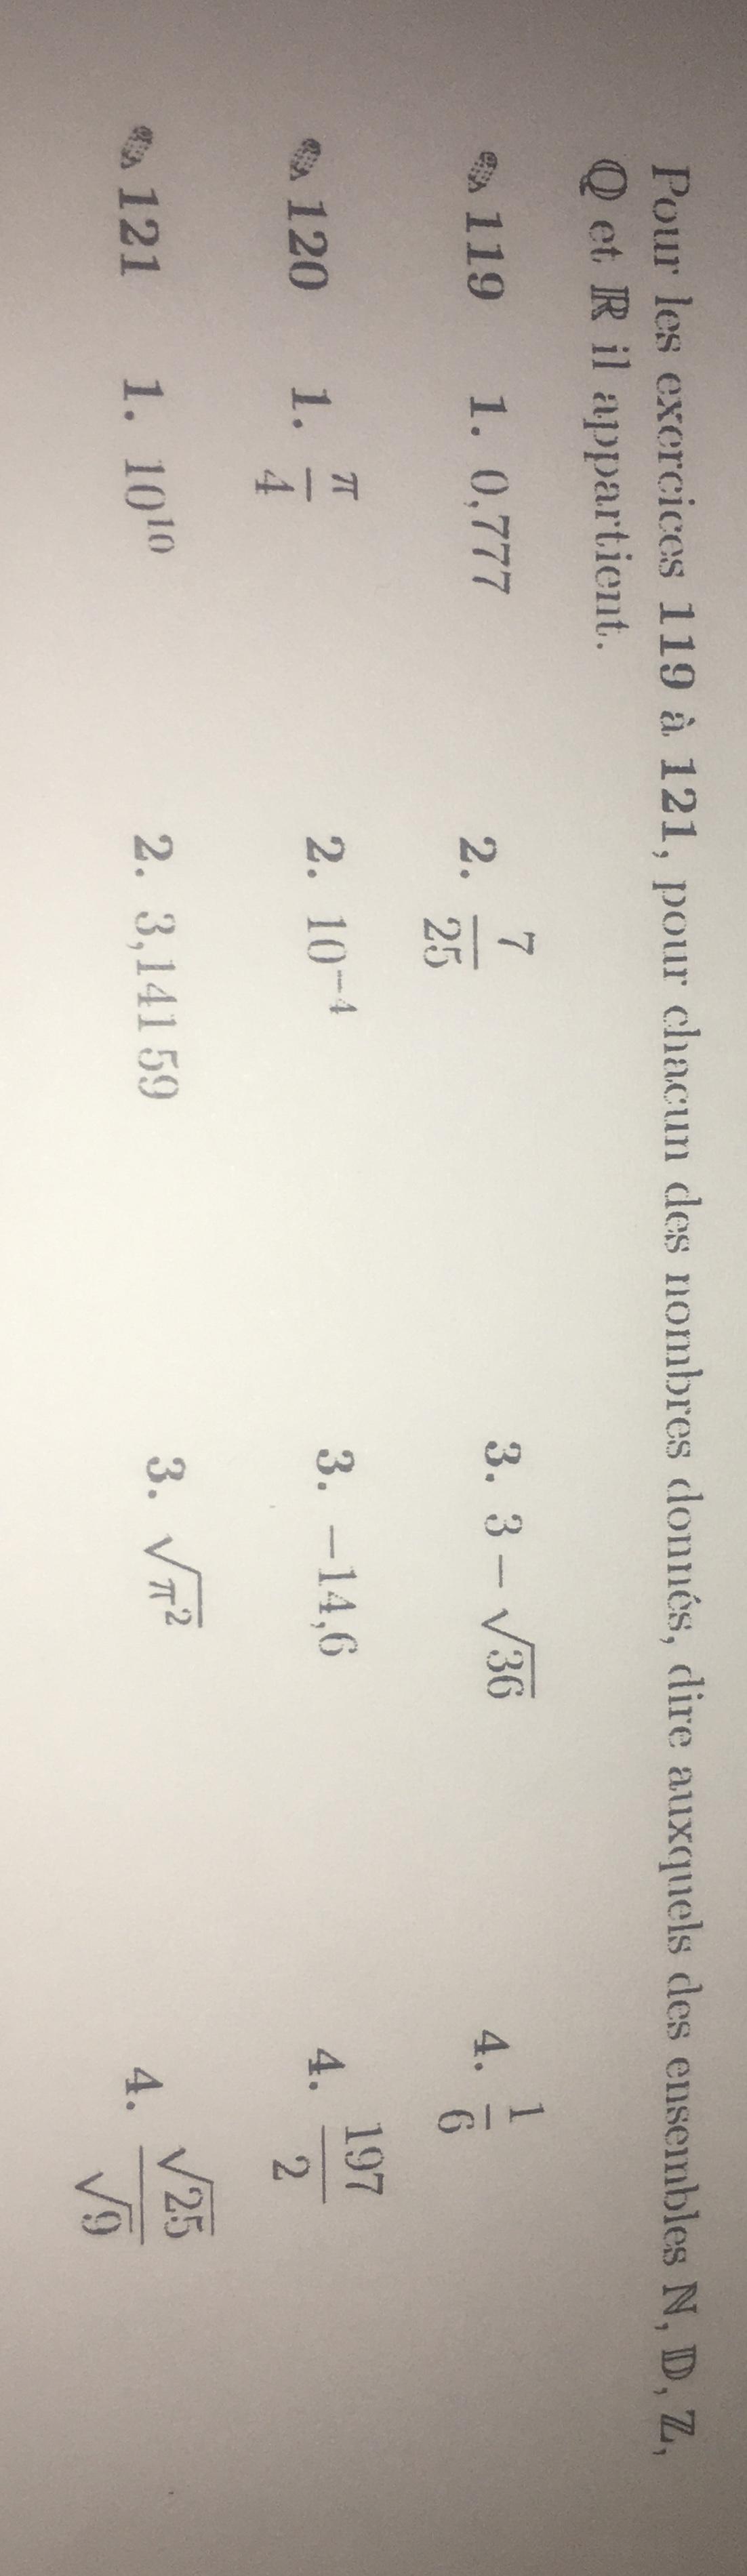 Bonjour Je Suis En Seconde Et C Est Un Exercice De Maths Consigne Pour Les Exercices 119 A 121 Nosdevoirs Fr